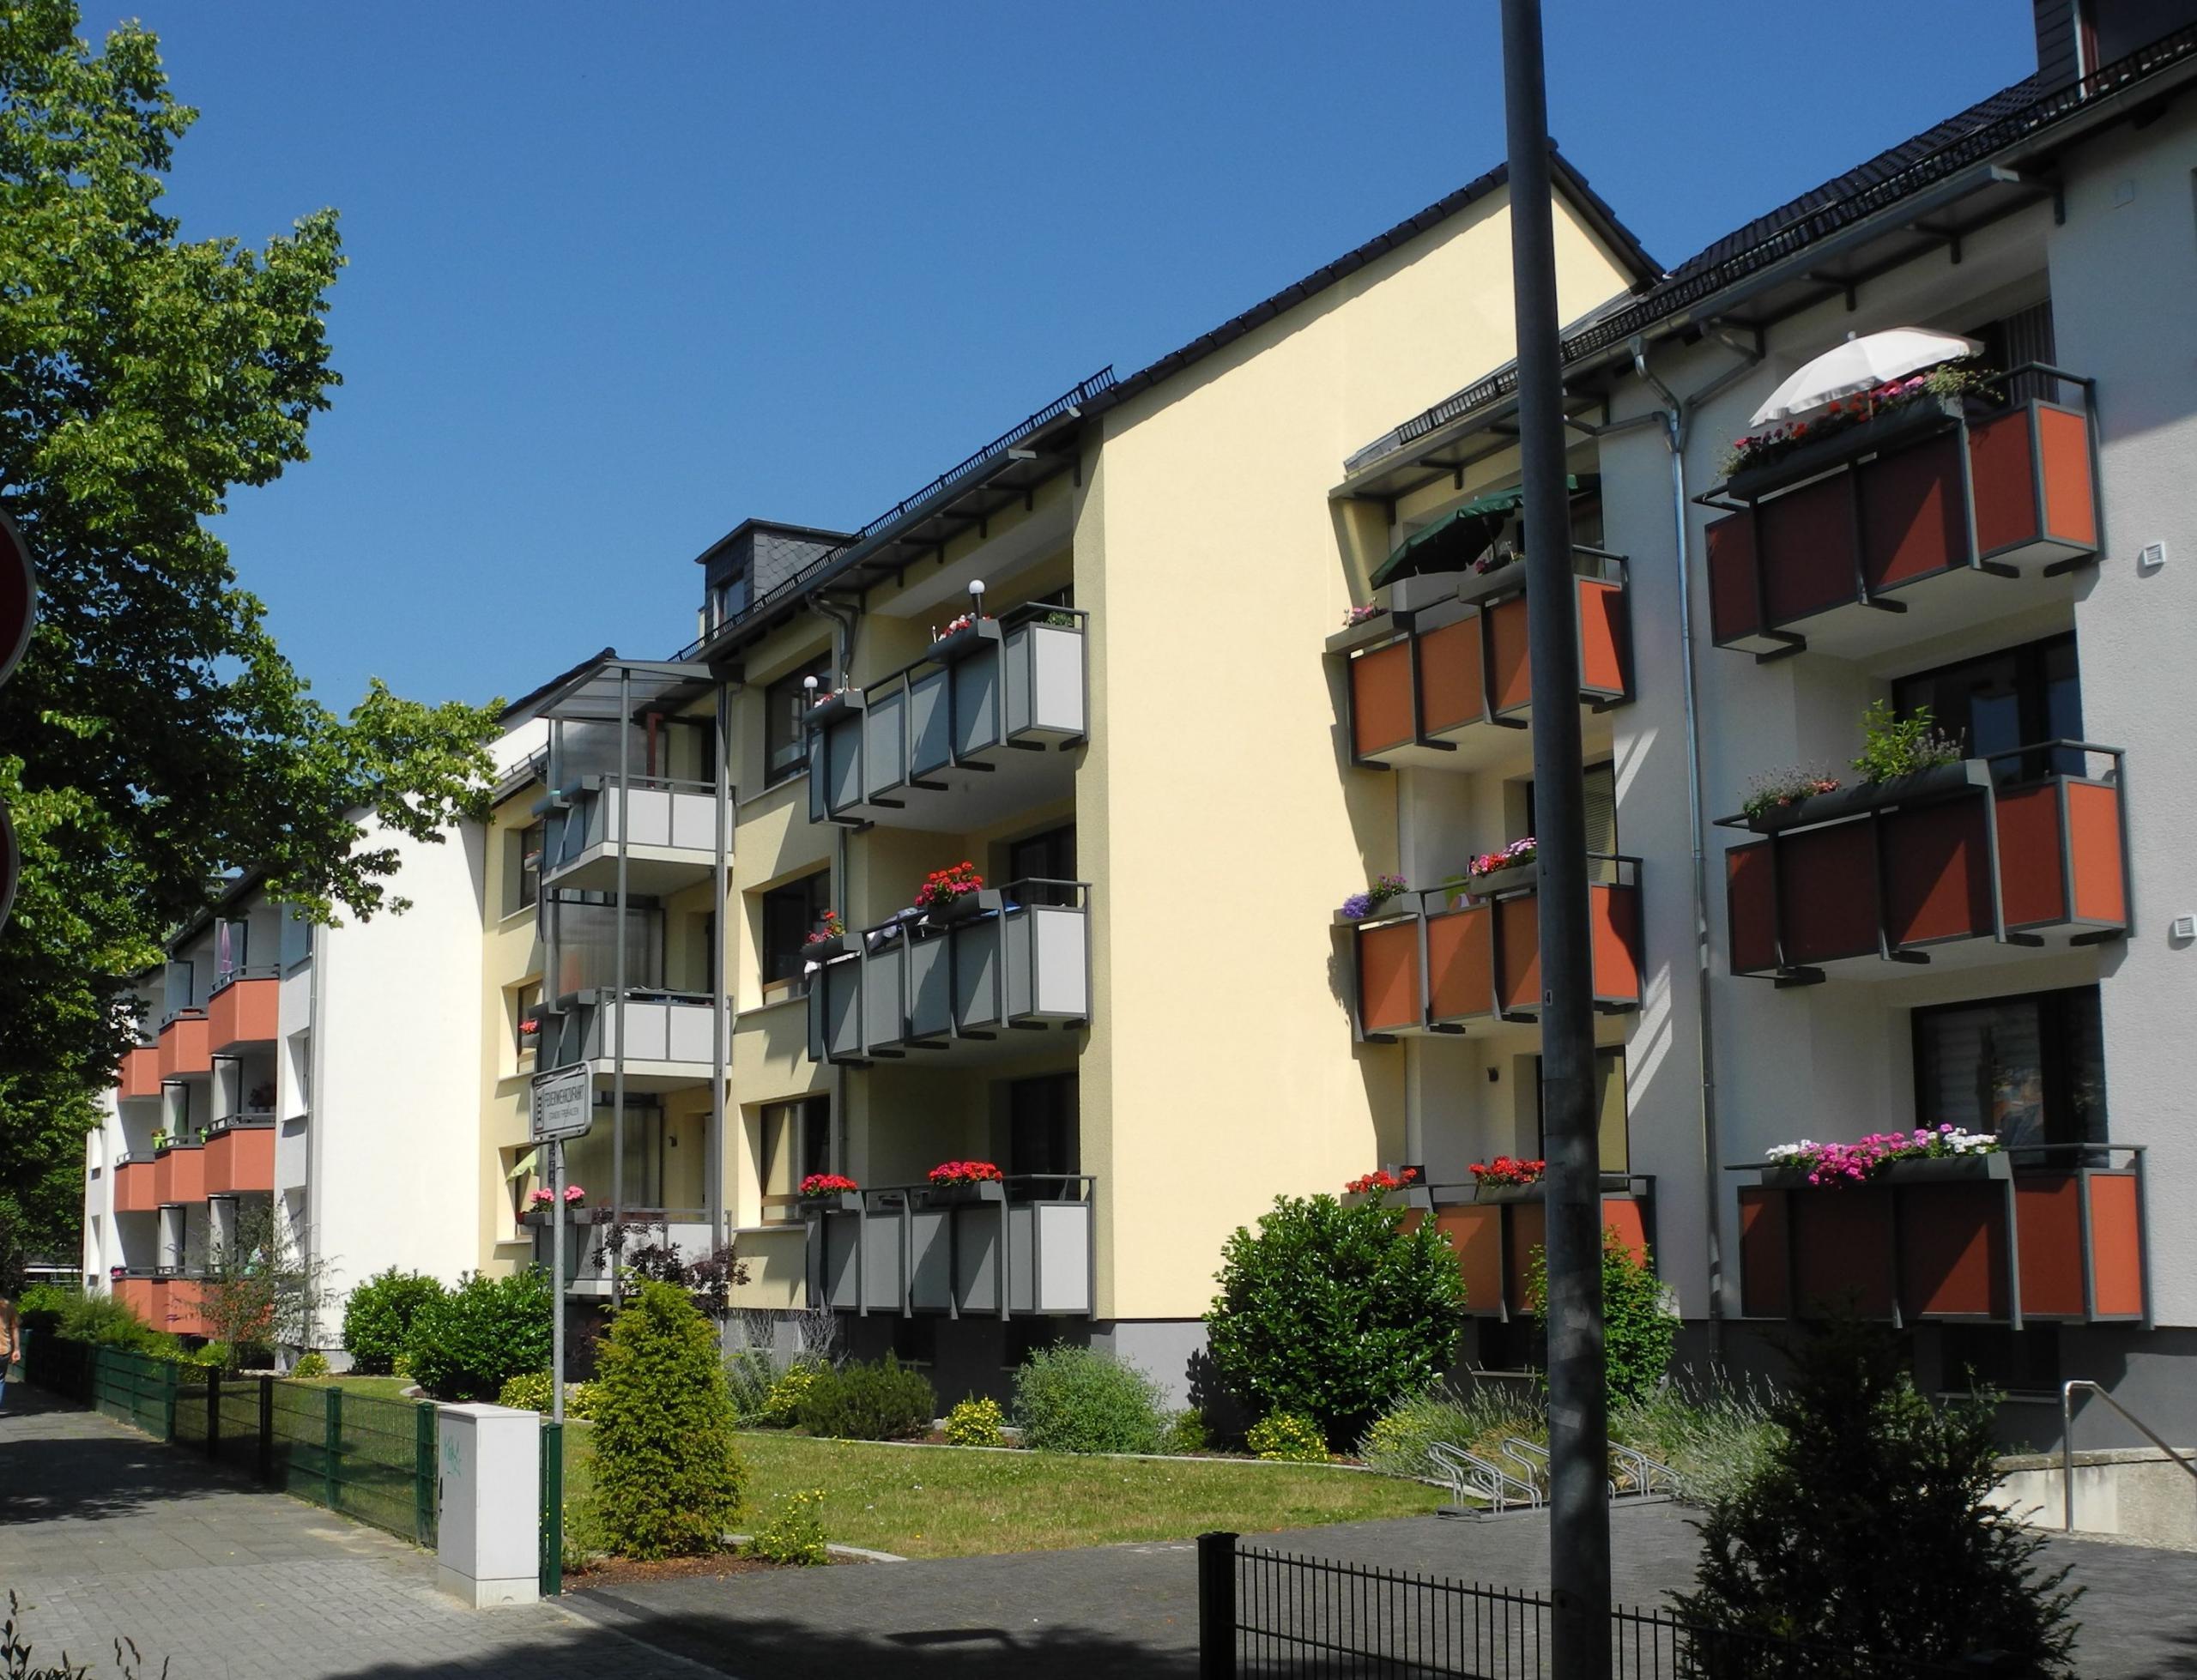 Wohnungsbestand ©Stadt Lehrte